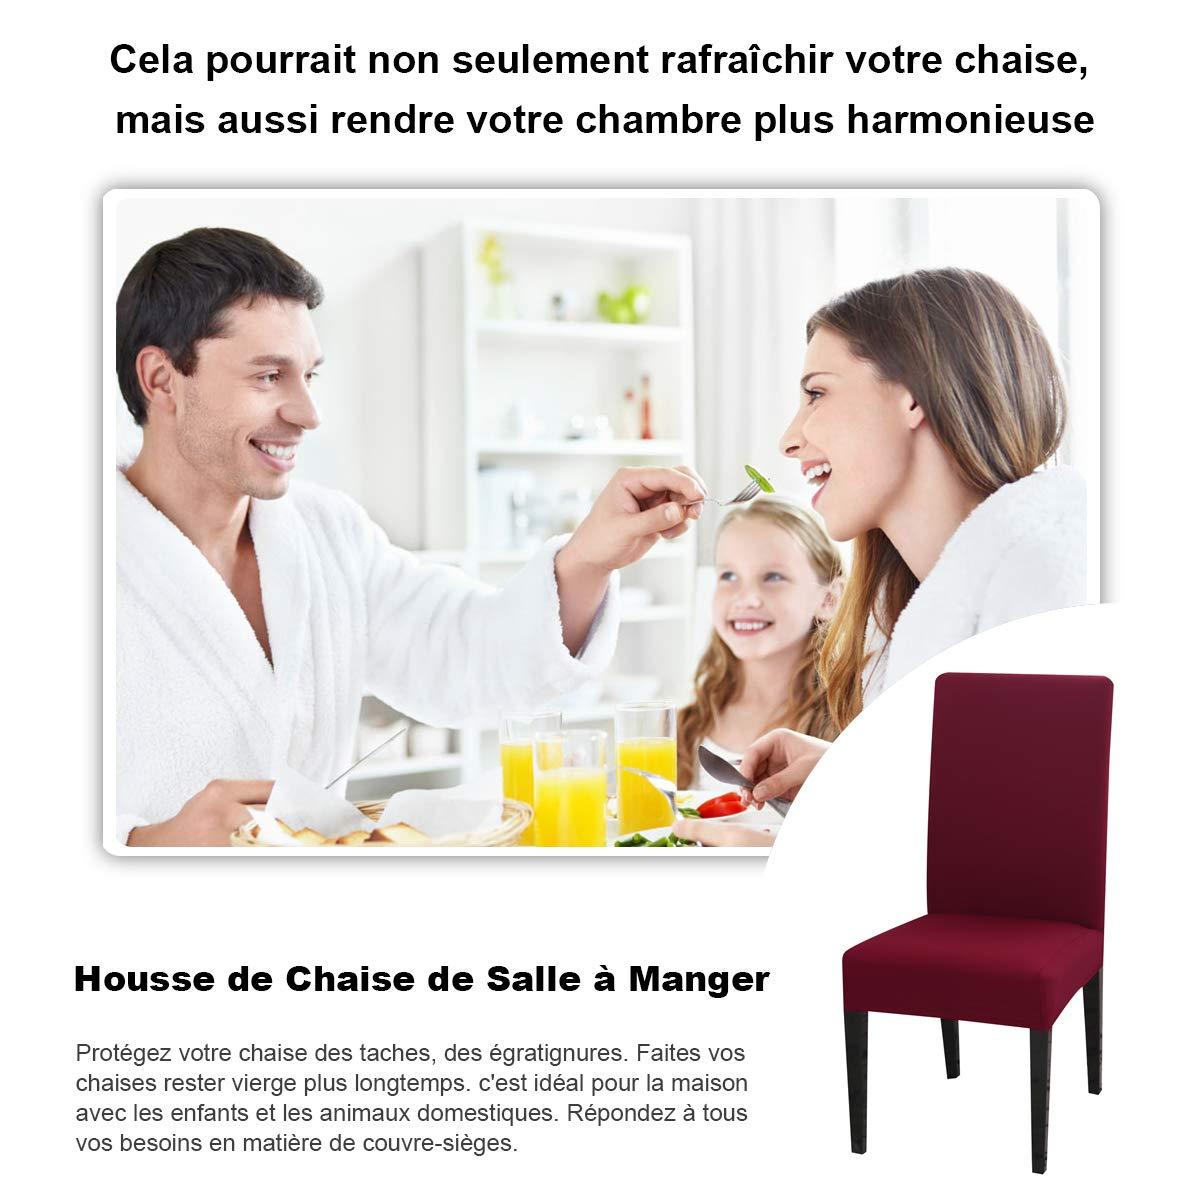 Bordeaux, 4PCS D/écoration Couverture Universel Extensible pour Salle /à Manger Housse de Chaise H/ôtel Maison Facile /à Nettoyer Durable Housse de Chaise Mariage